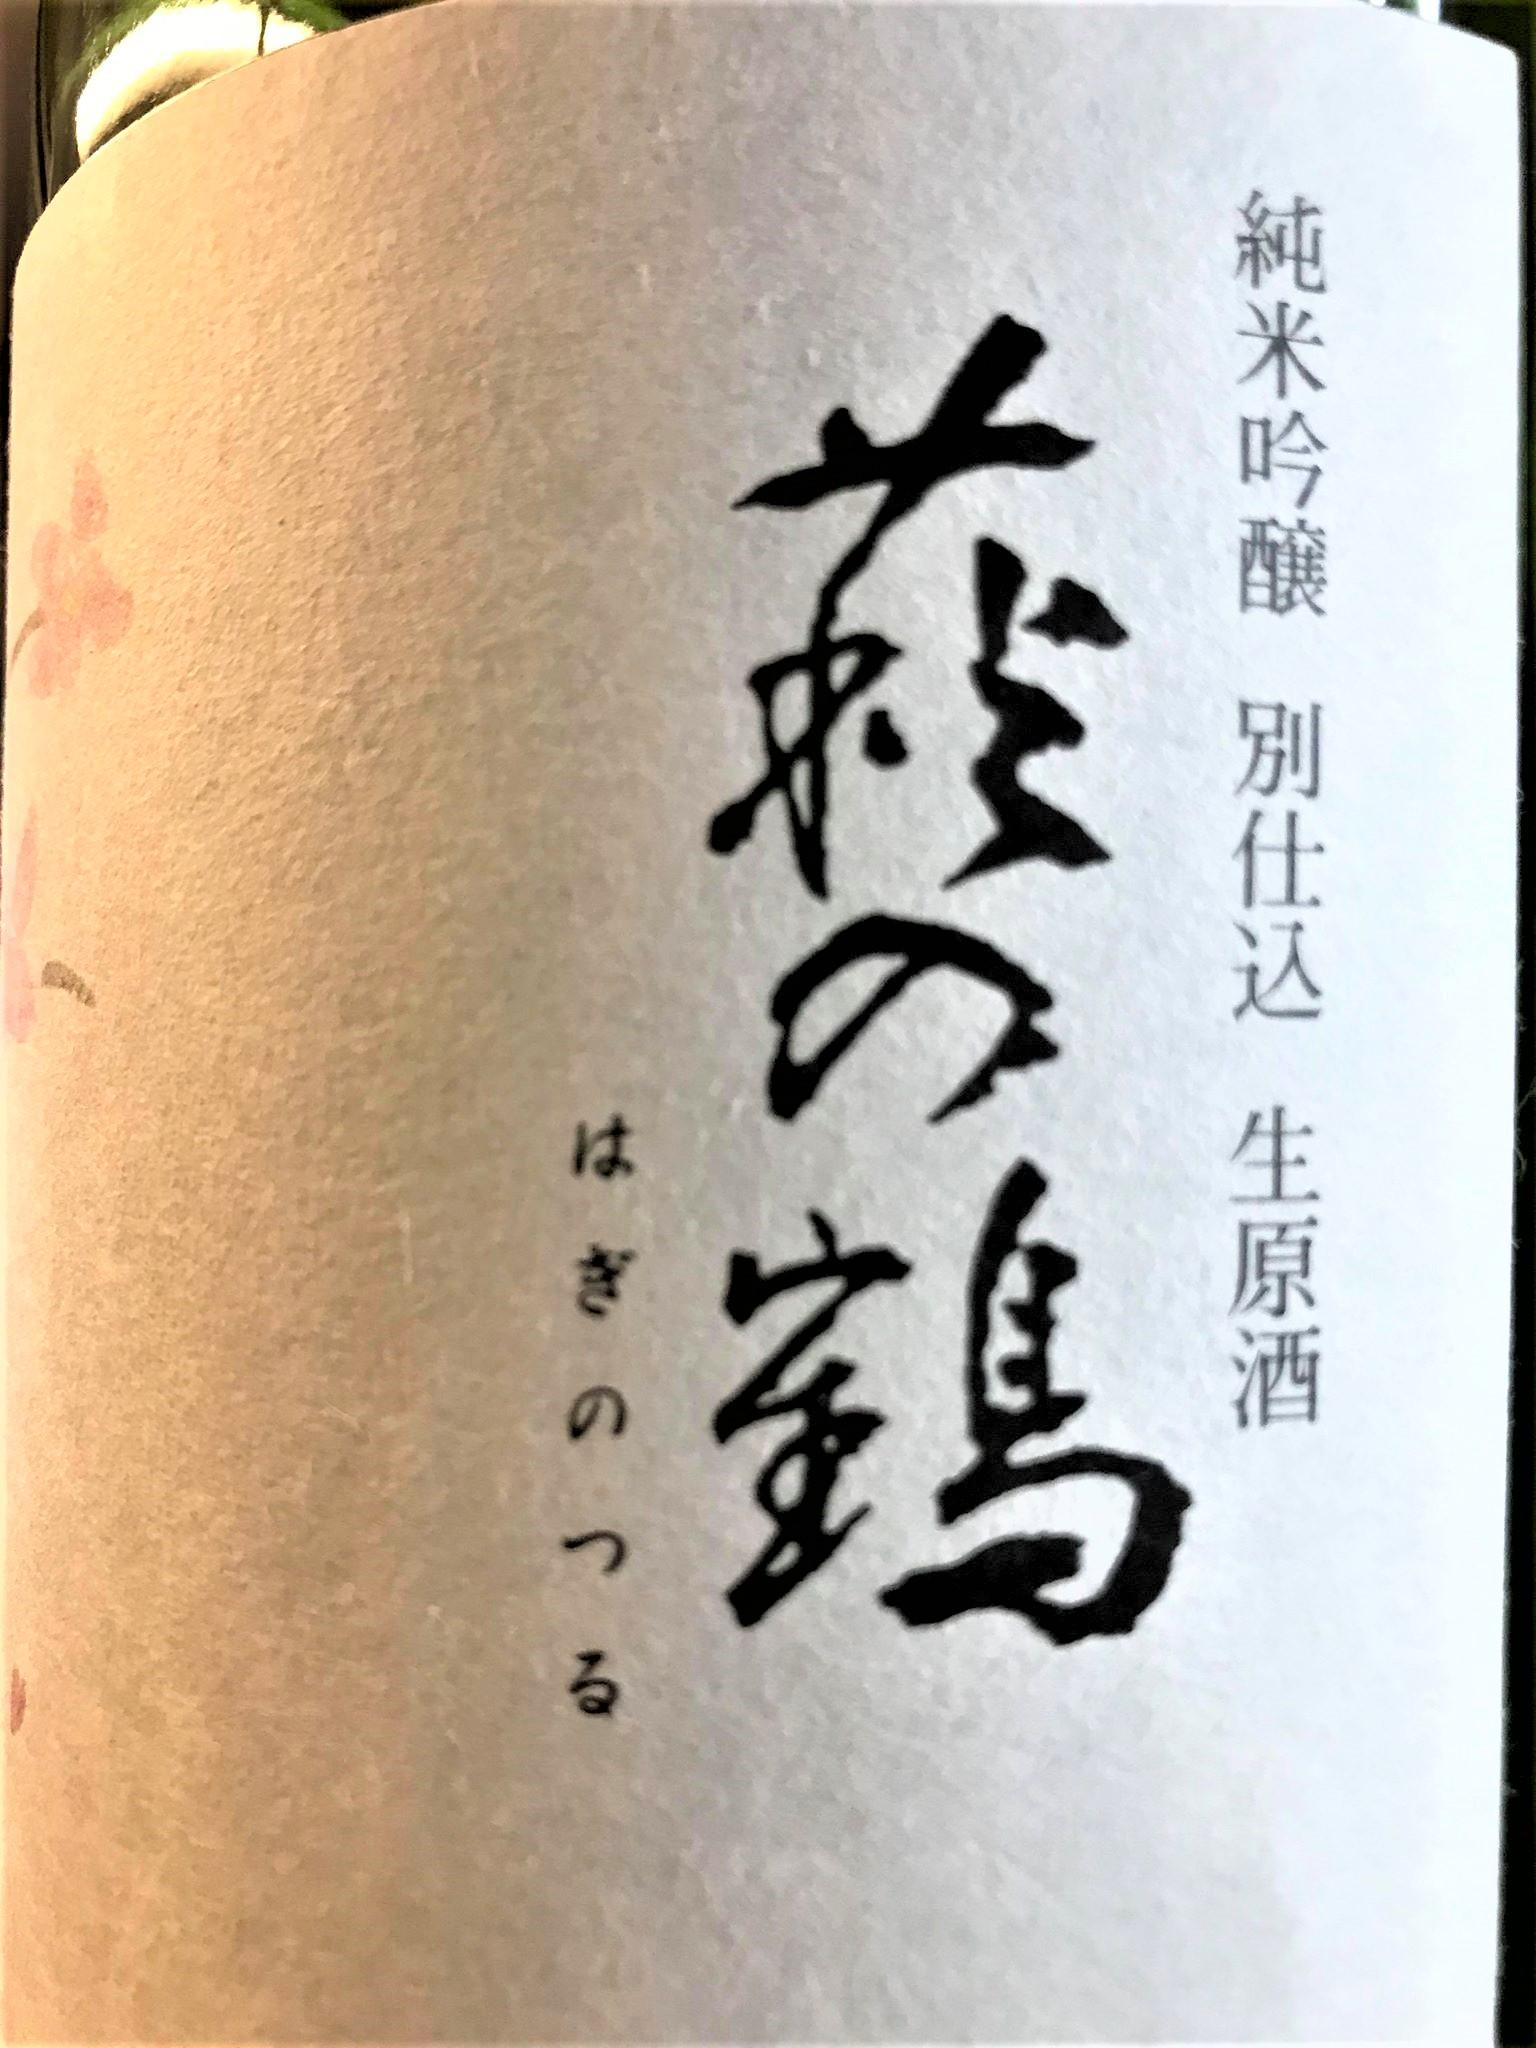 【日本酒】萩の鶴 別仕込 純米吟醸 無濾過生原酒 さくらねこラベル 美山錦50磨き 限定 新酒30BY_e0173738_1263100.jpg